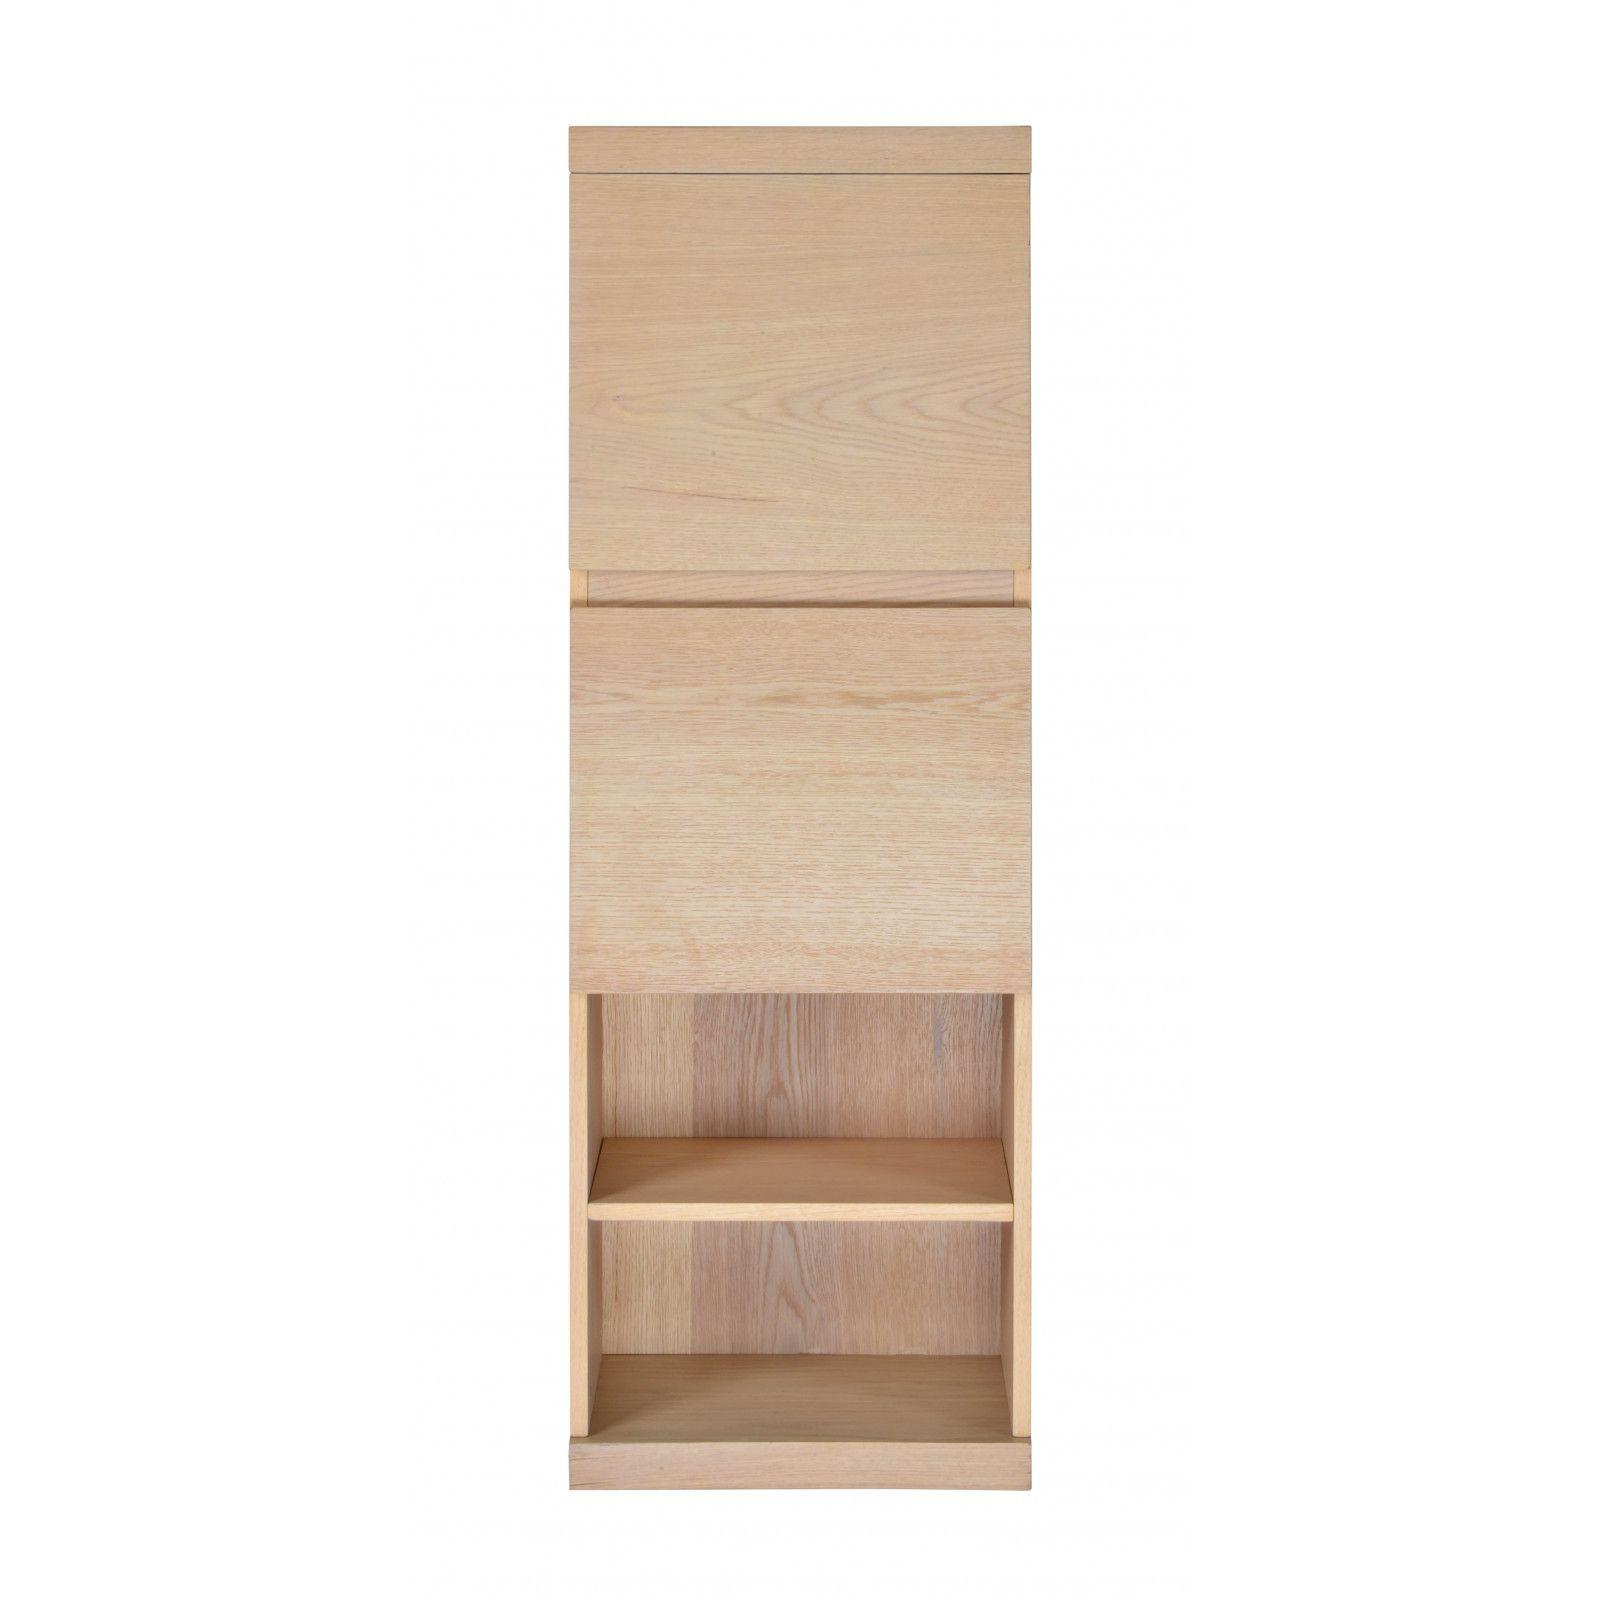 Ensemble salle de bain chêne 120 cm meuble + vasque + 2 miroirs + 2 colonnes ENIO